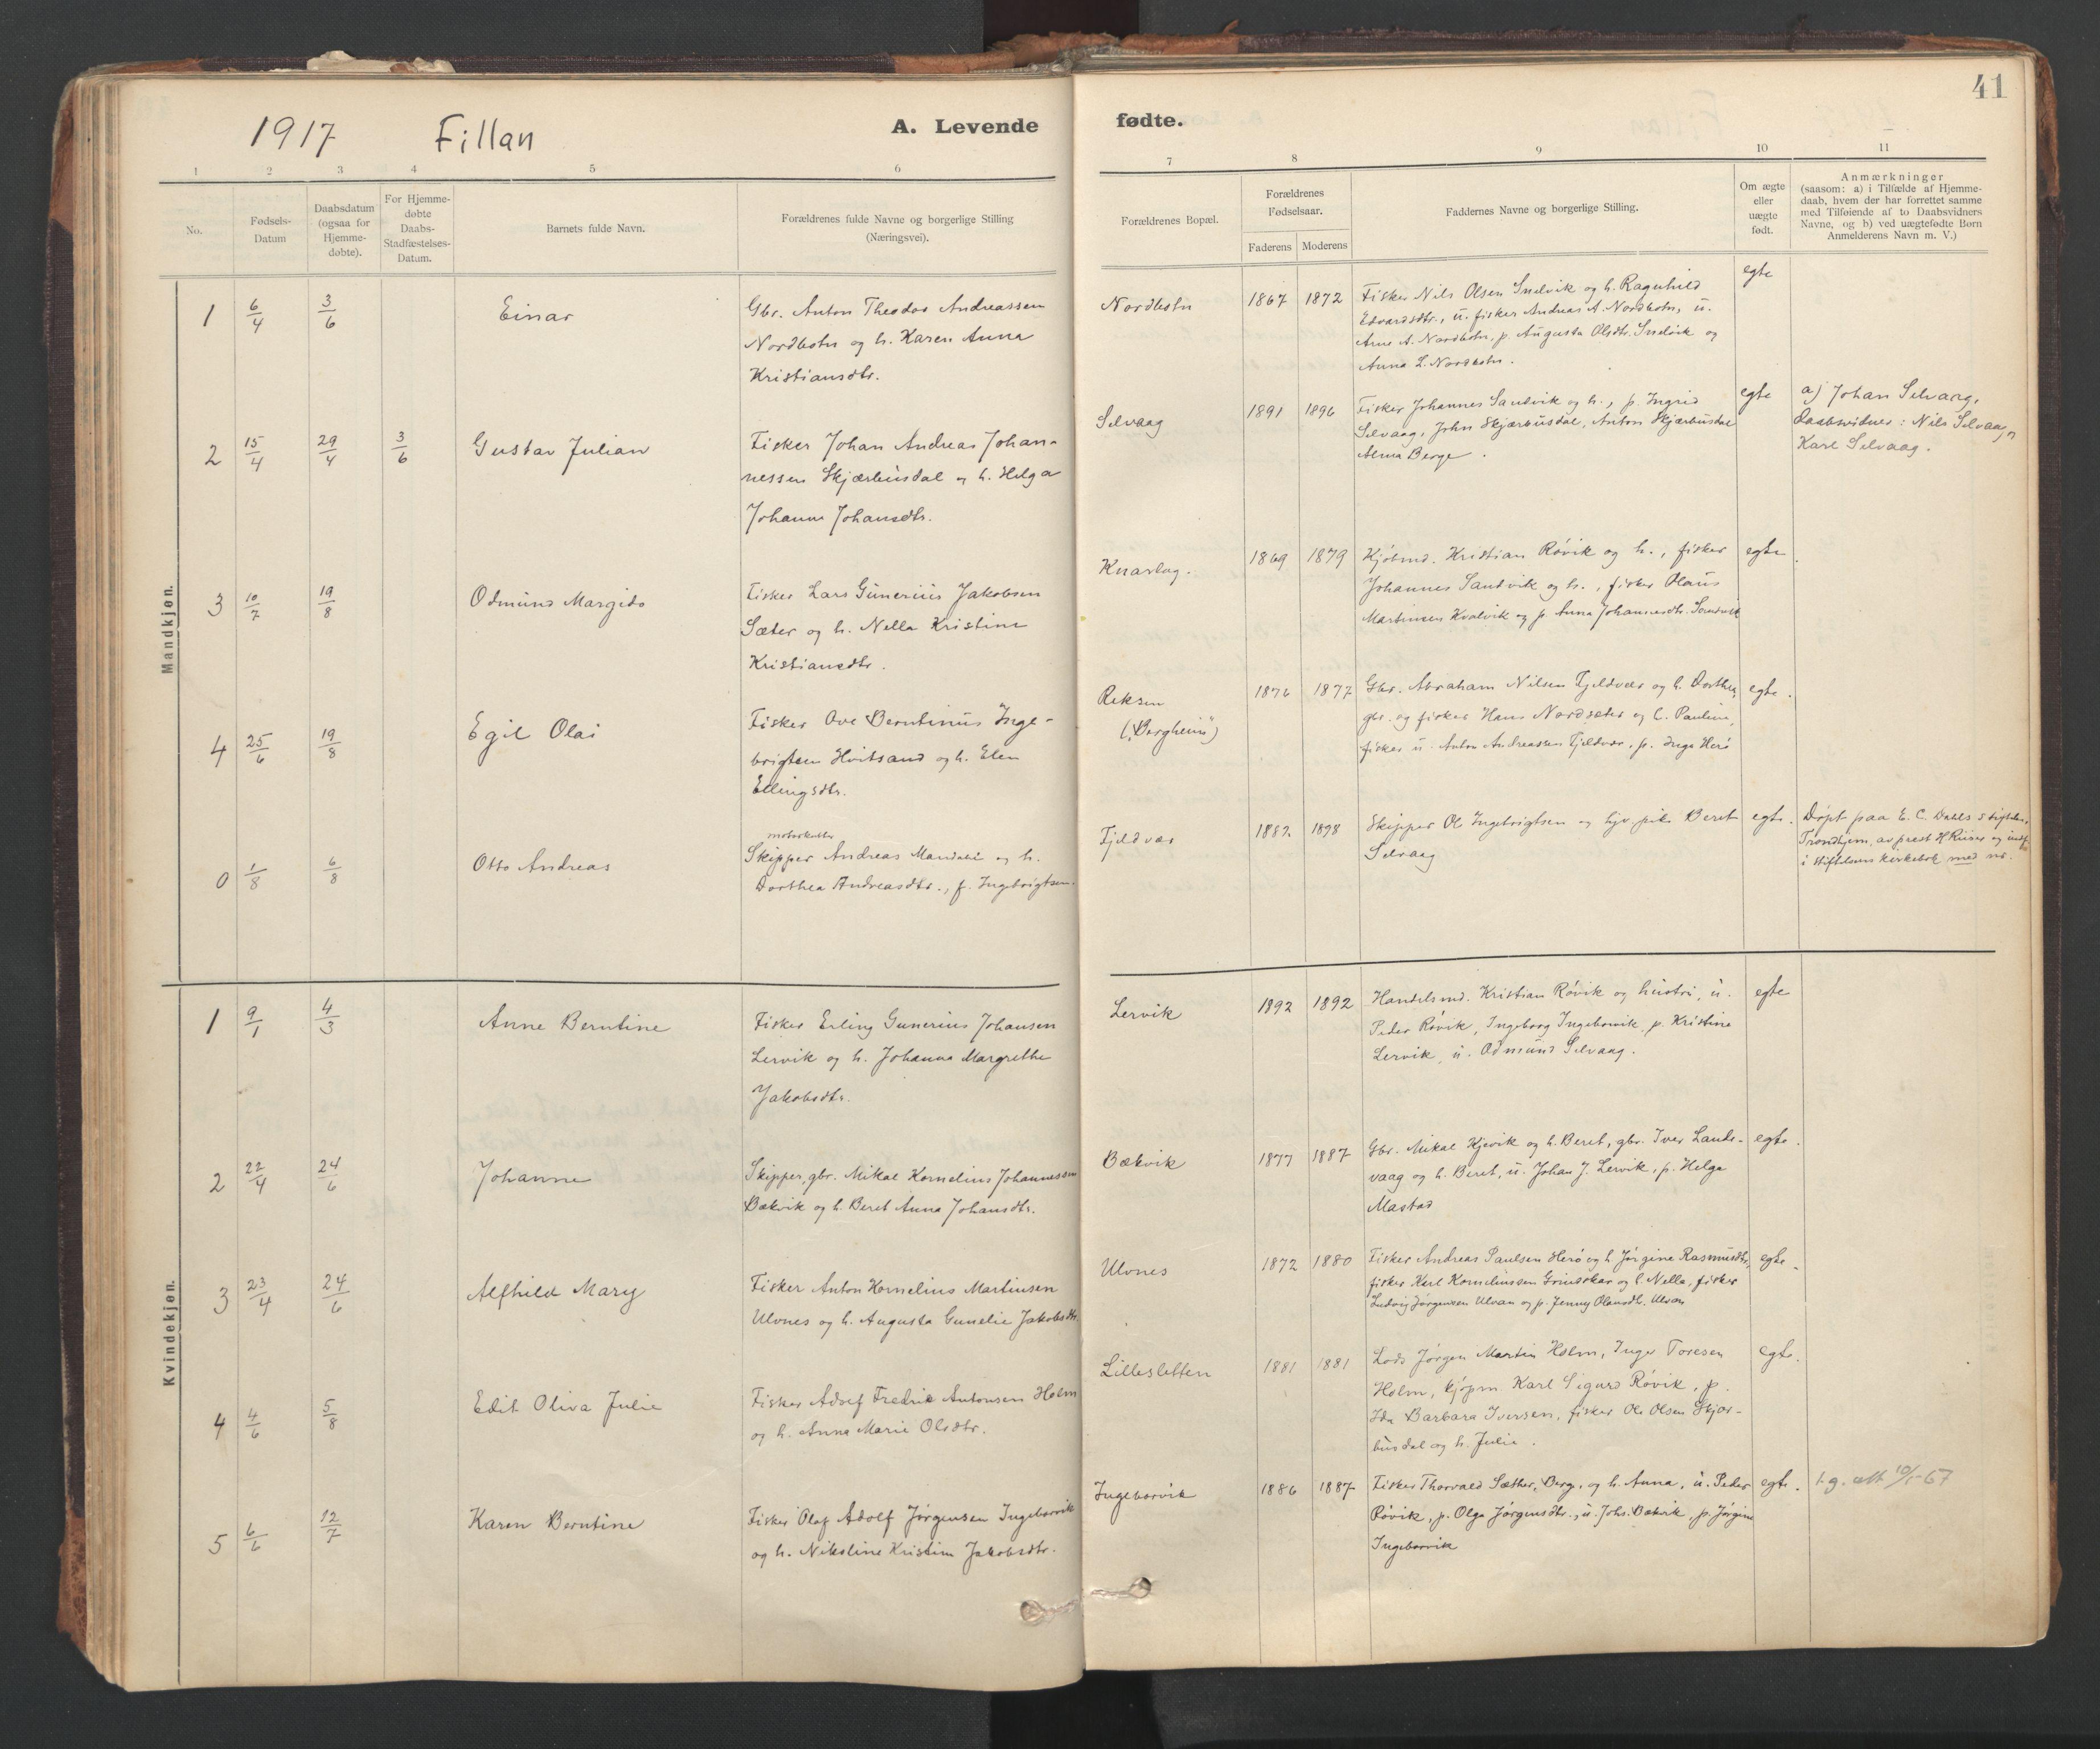 SAT, Ministerialprotokoller, klokkerbøker og fødselsregistre - Sør-Trøndelag, 637/L0559: Ministerialbok nr. 637A02, 1899-1923, s. 41